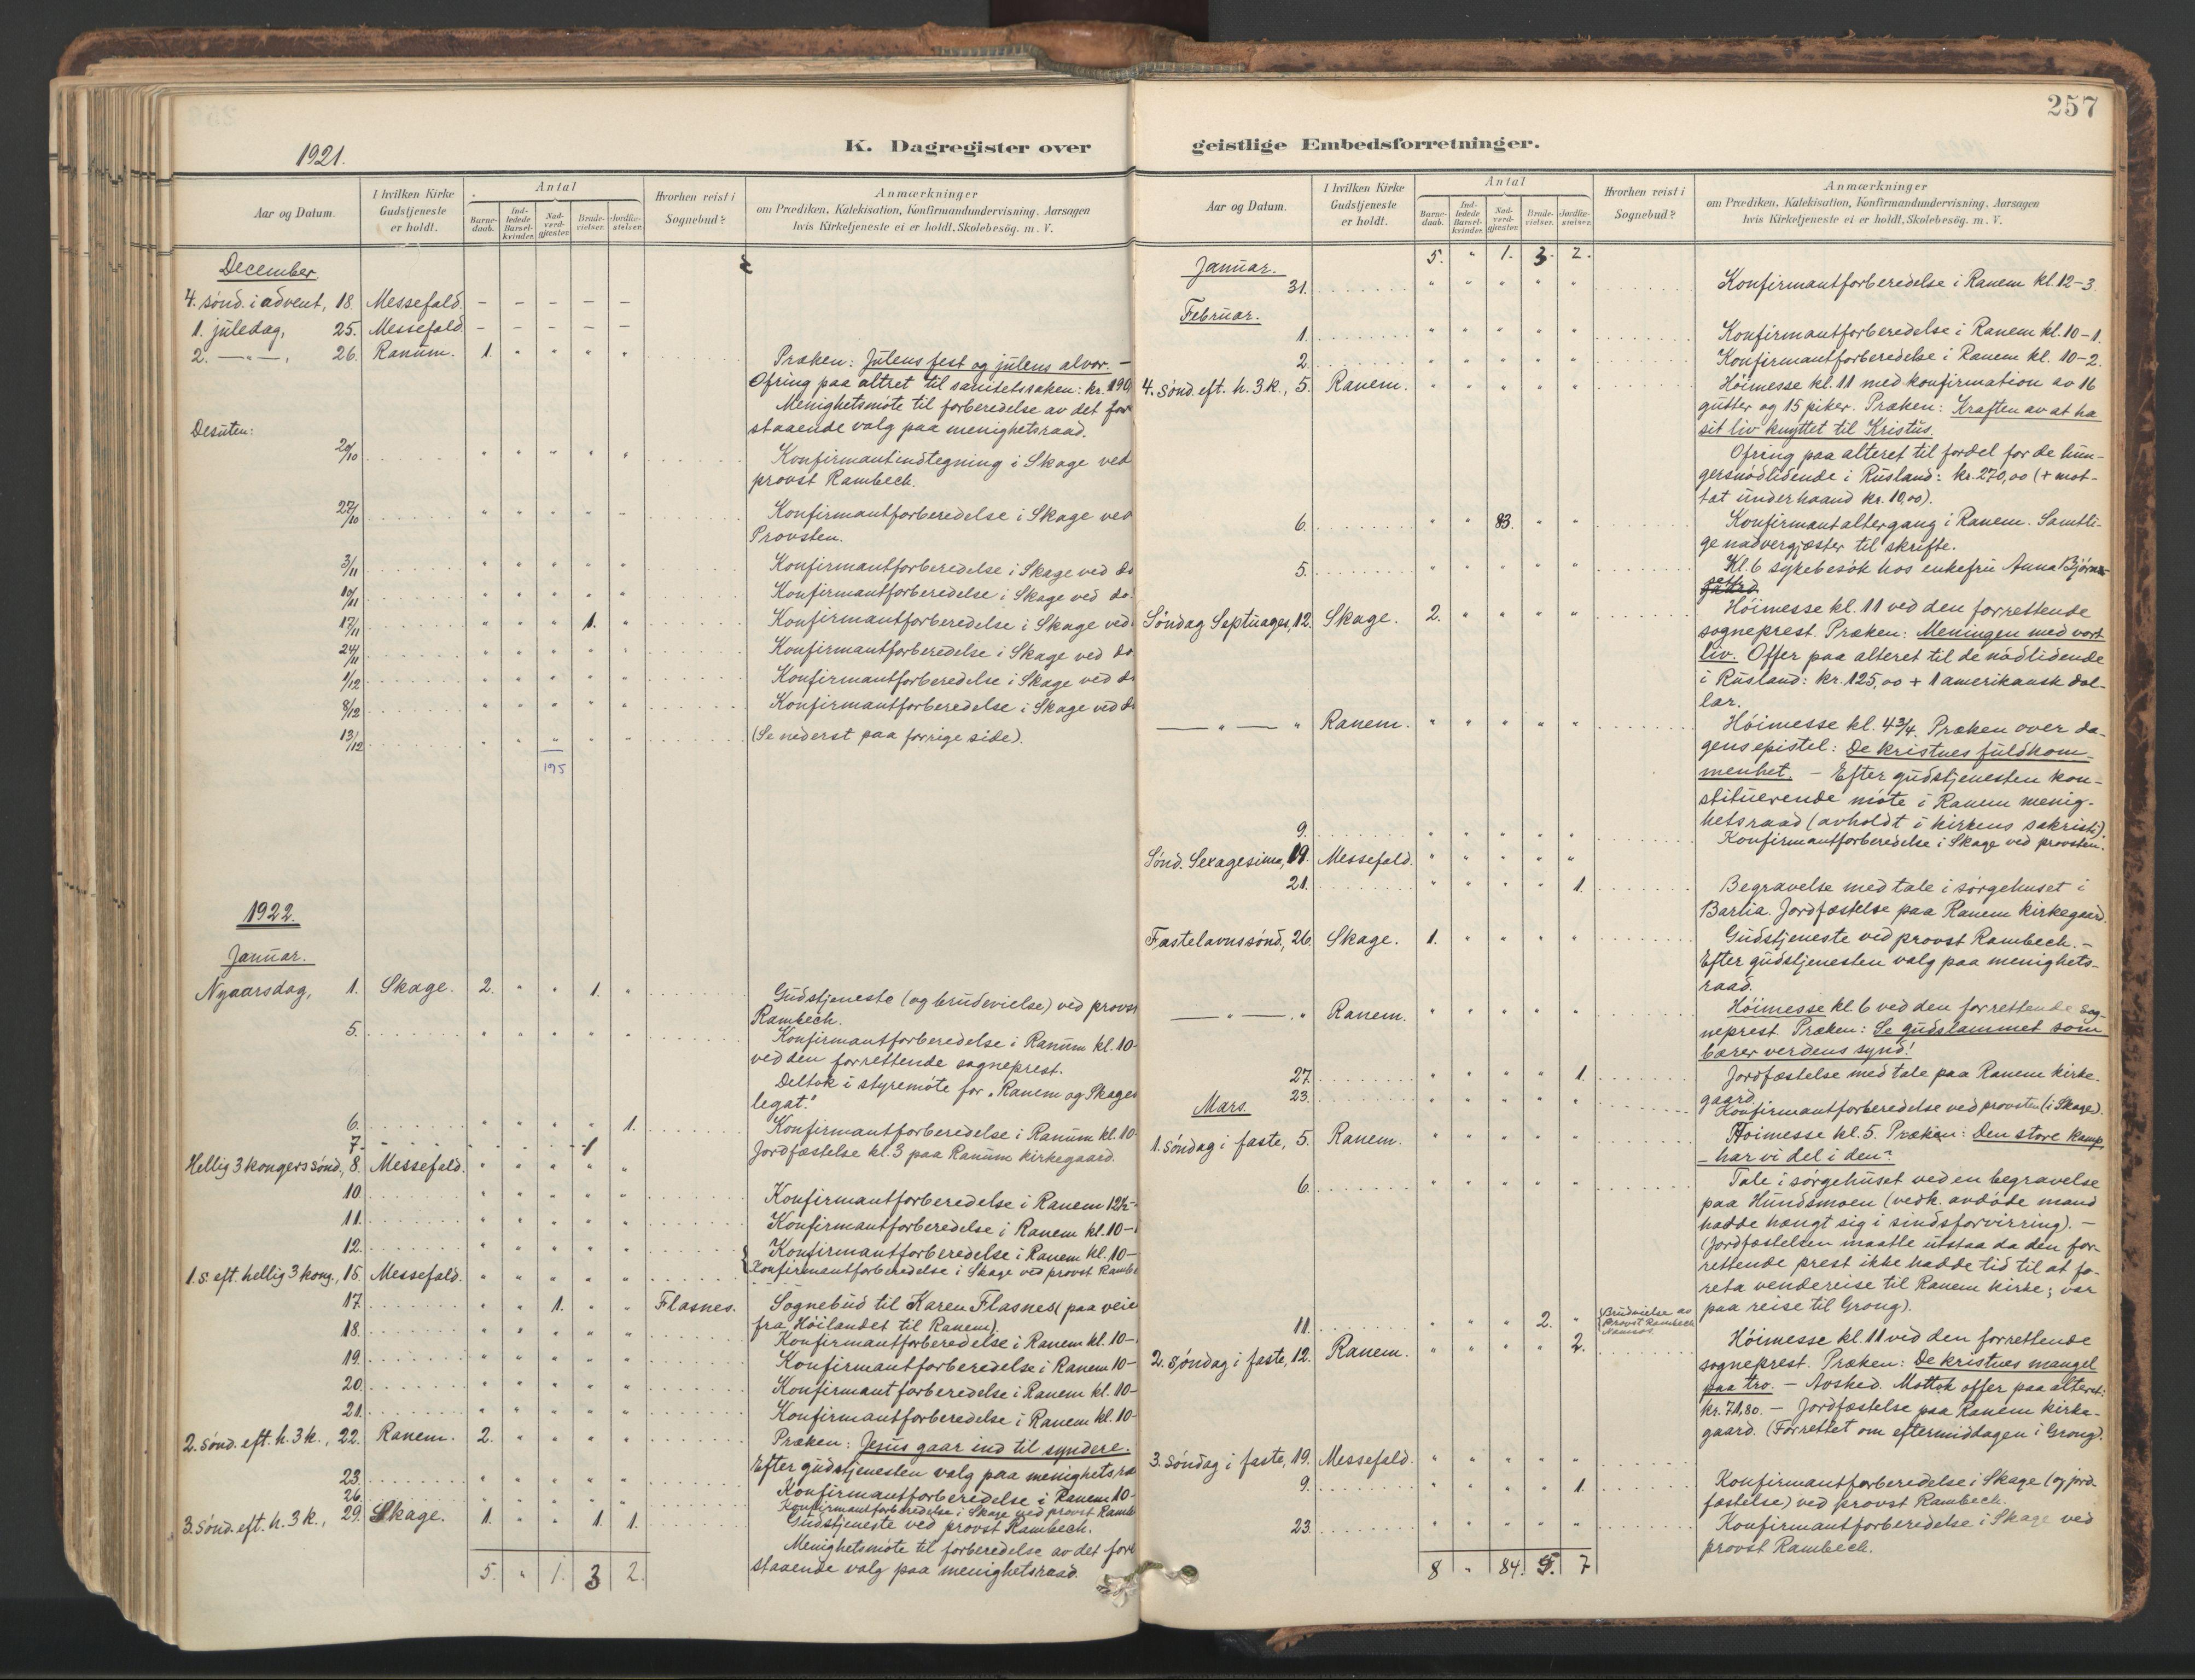 SAT, Ministerialprotokoller, klokkerbøker og fødselsregistre - Nord-Trøndelag, 764/L0556: Ministerialbok nr. 764A11, 1897-1924, s. 257